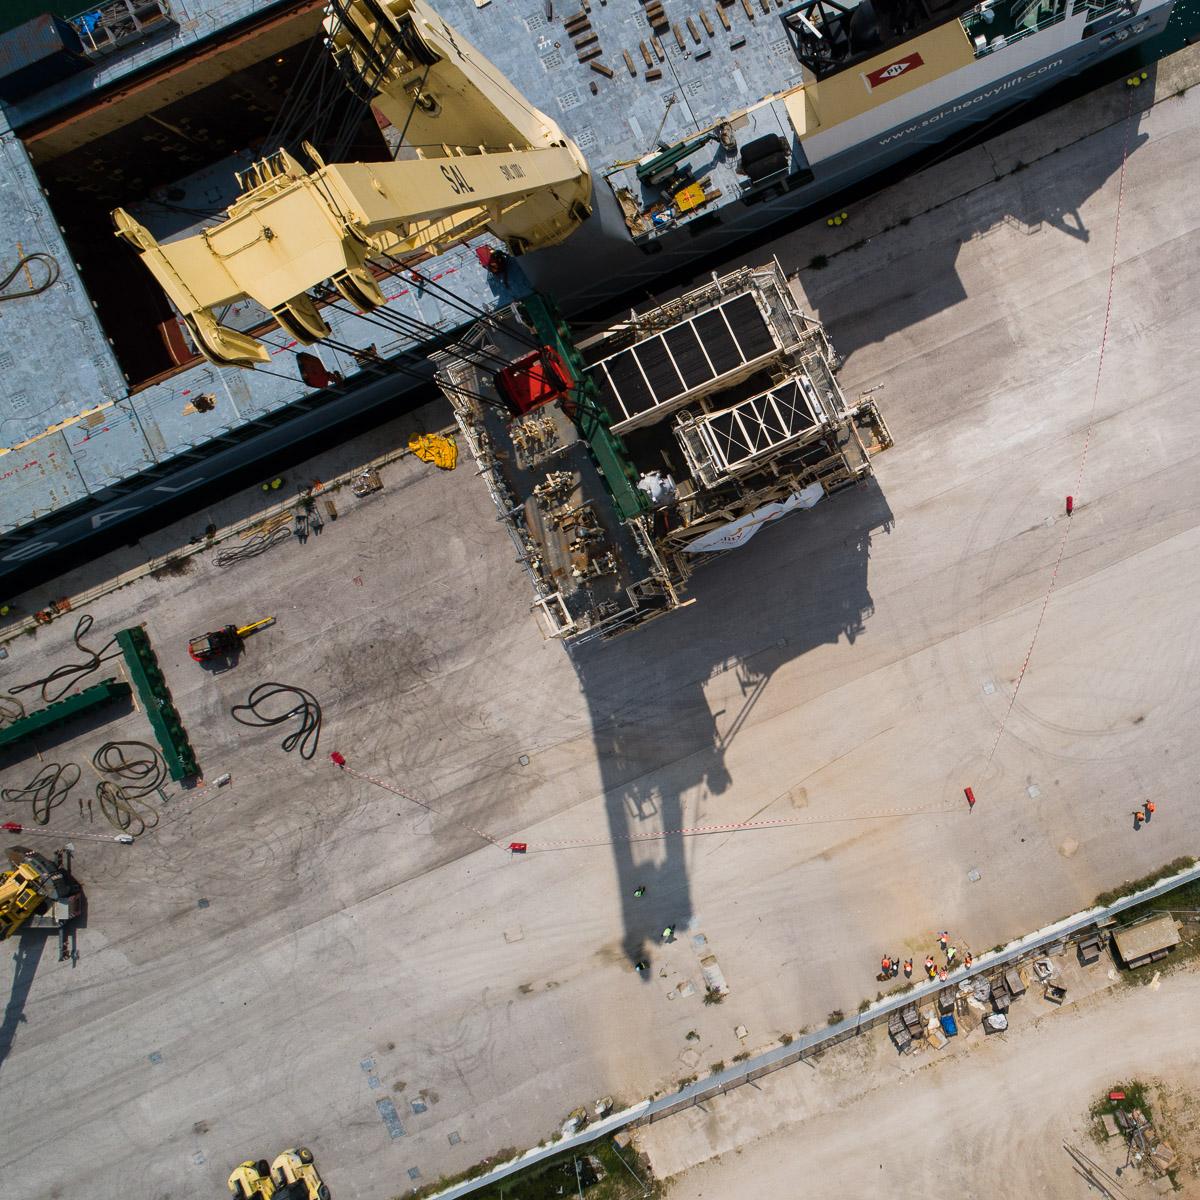 DJI_0019-antonello-zoffoli-drone-ravenna-industriale-aziendale-logistica-square